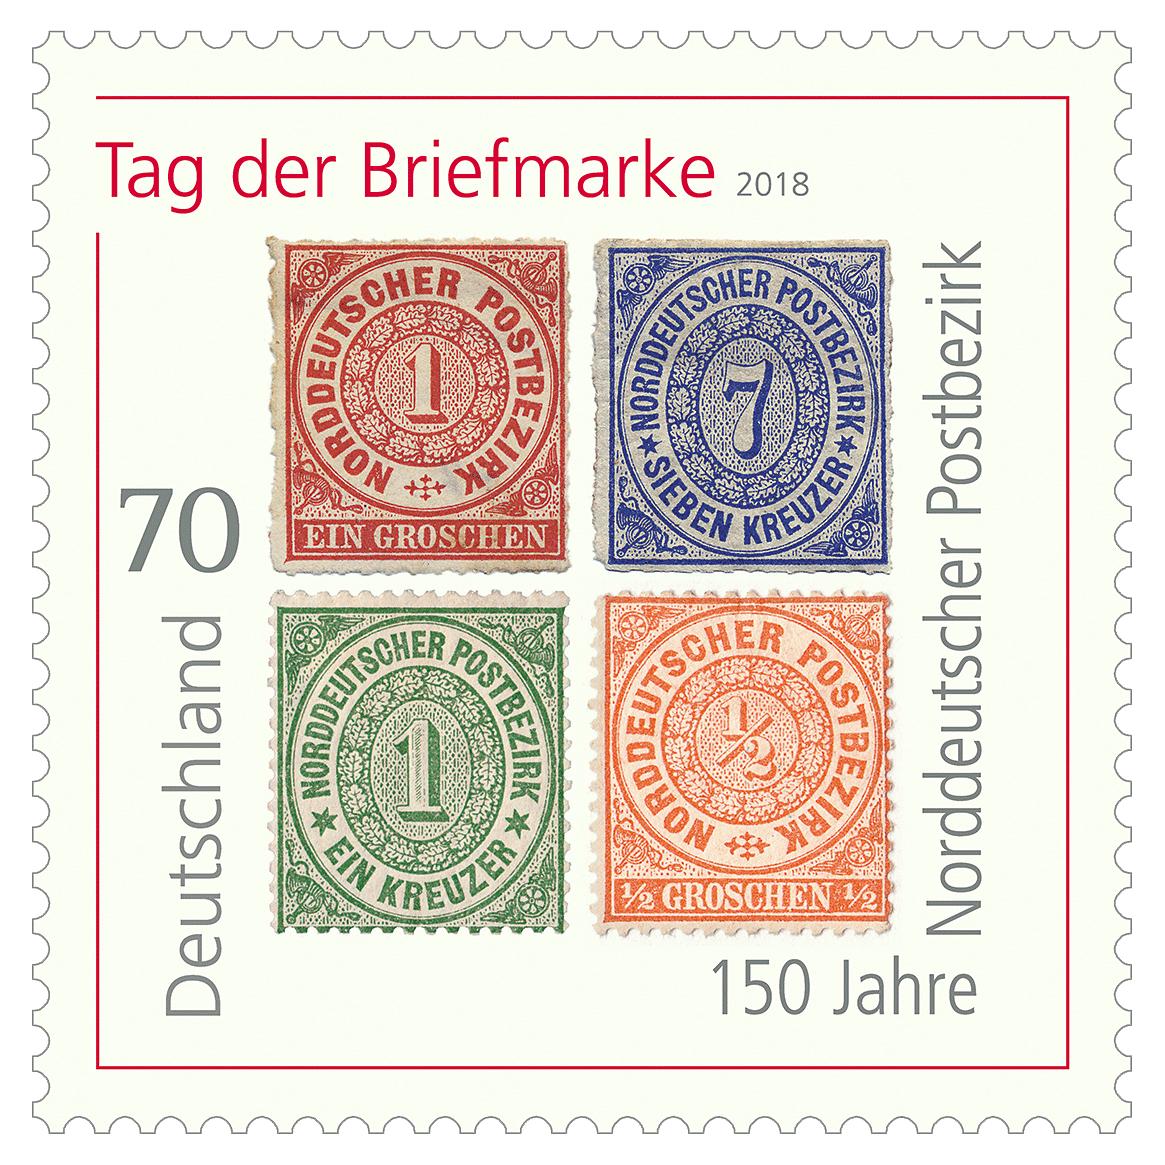 https://www.borek.de/briefmarkenserie-tag-der-briefmarke-150-jahre-norddeutscher-postbezirk